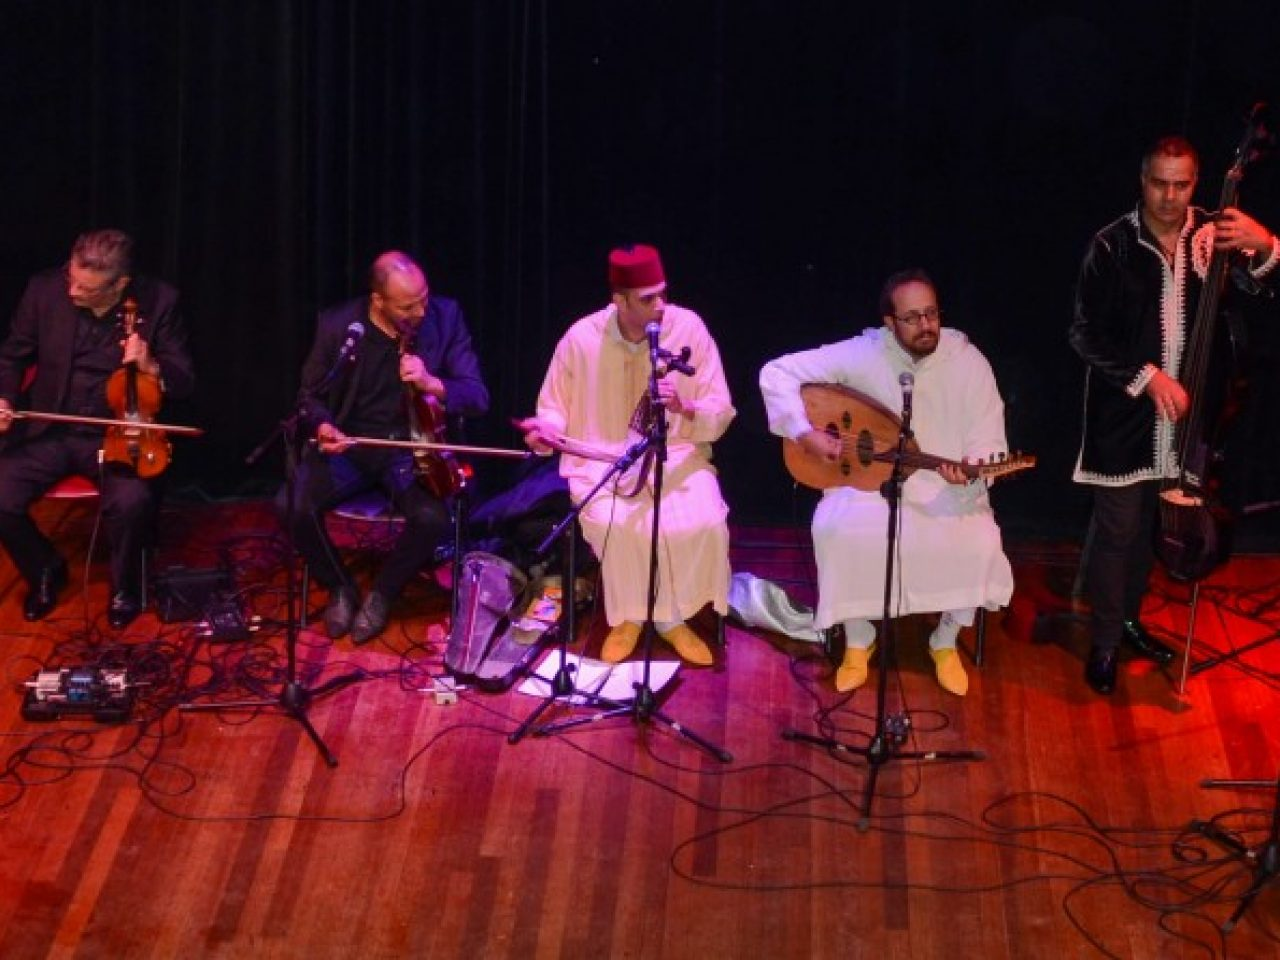 Herfstfestival: Orkest Rouh TOURAT